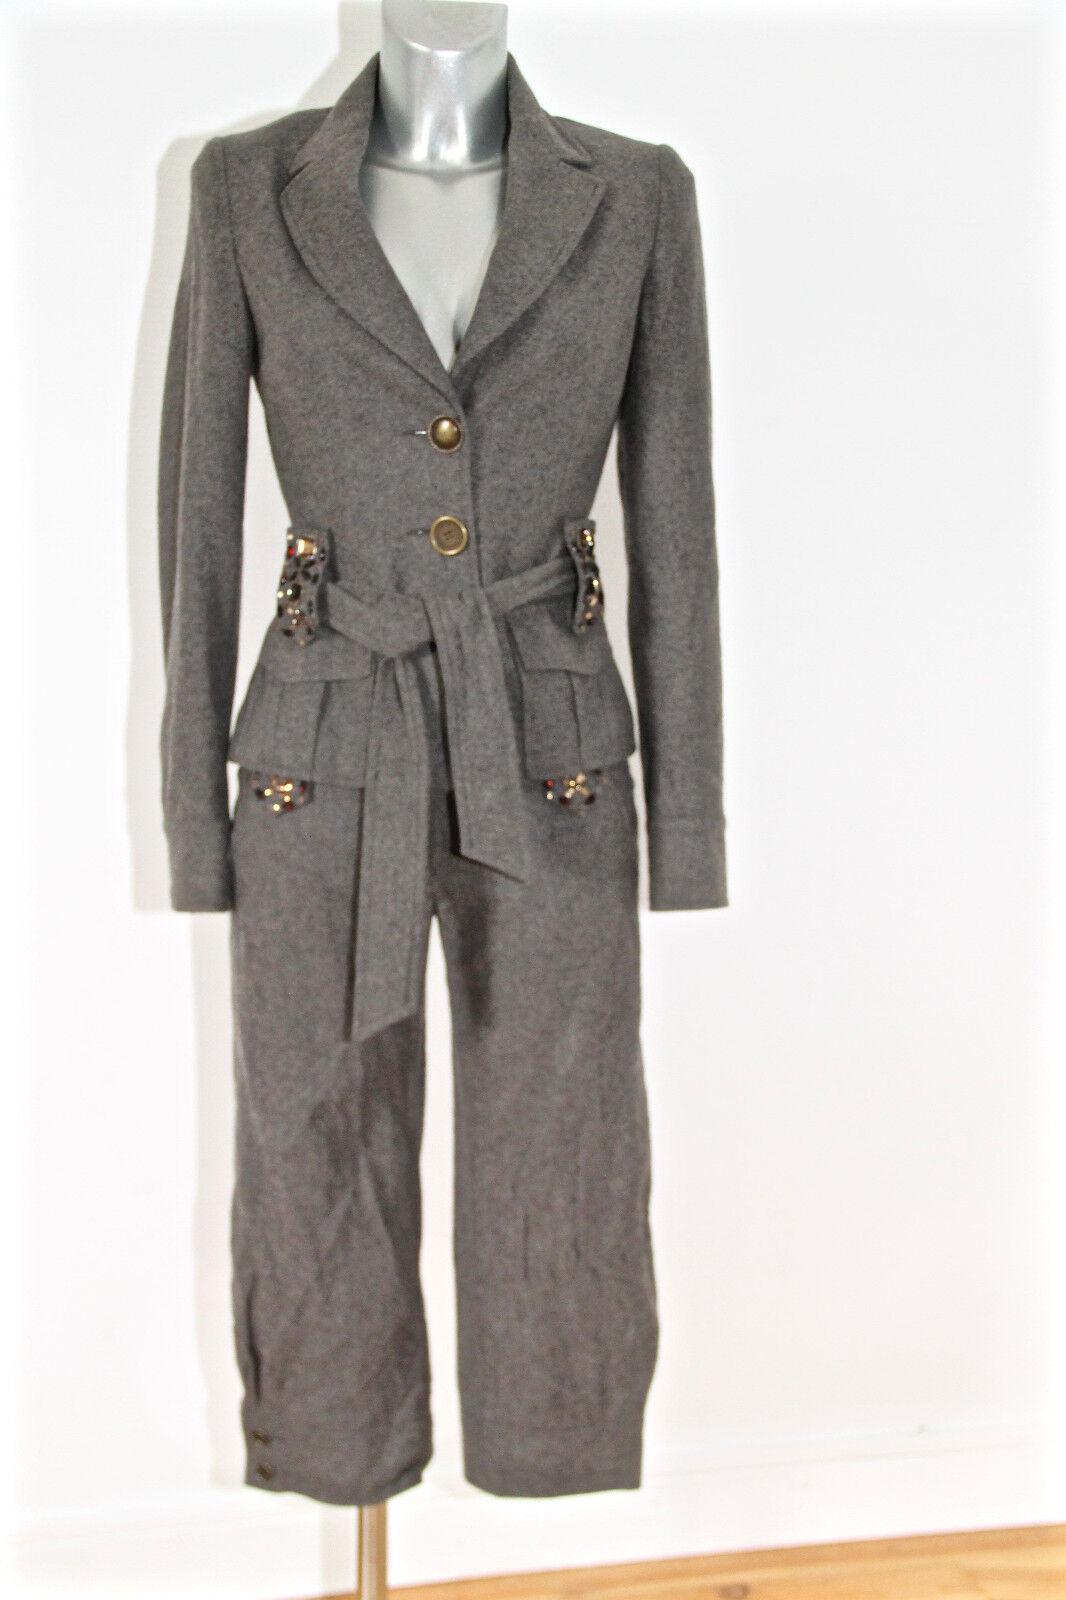 LIU - JO conjunto pantalones cortos chaqueta invierno lana i40 COMO